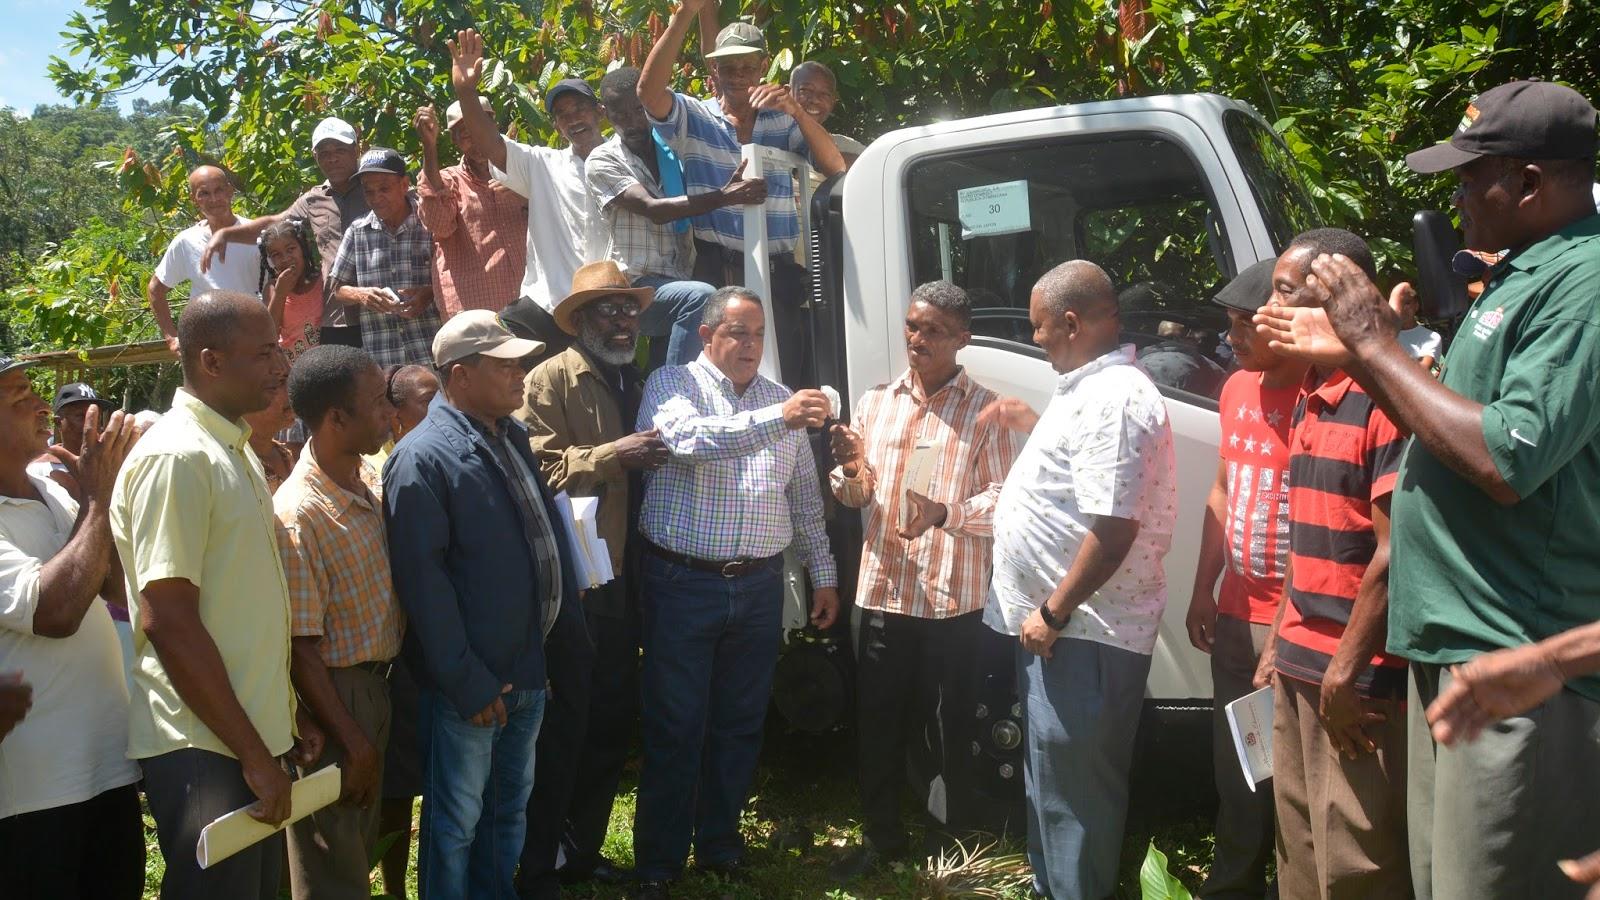 Productores de San Cristóbal reciben camión prometido en Visita Sorpresa